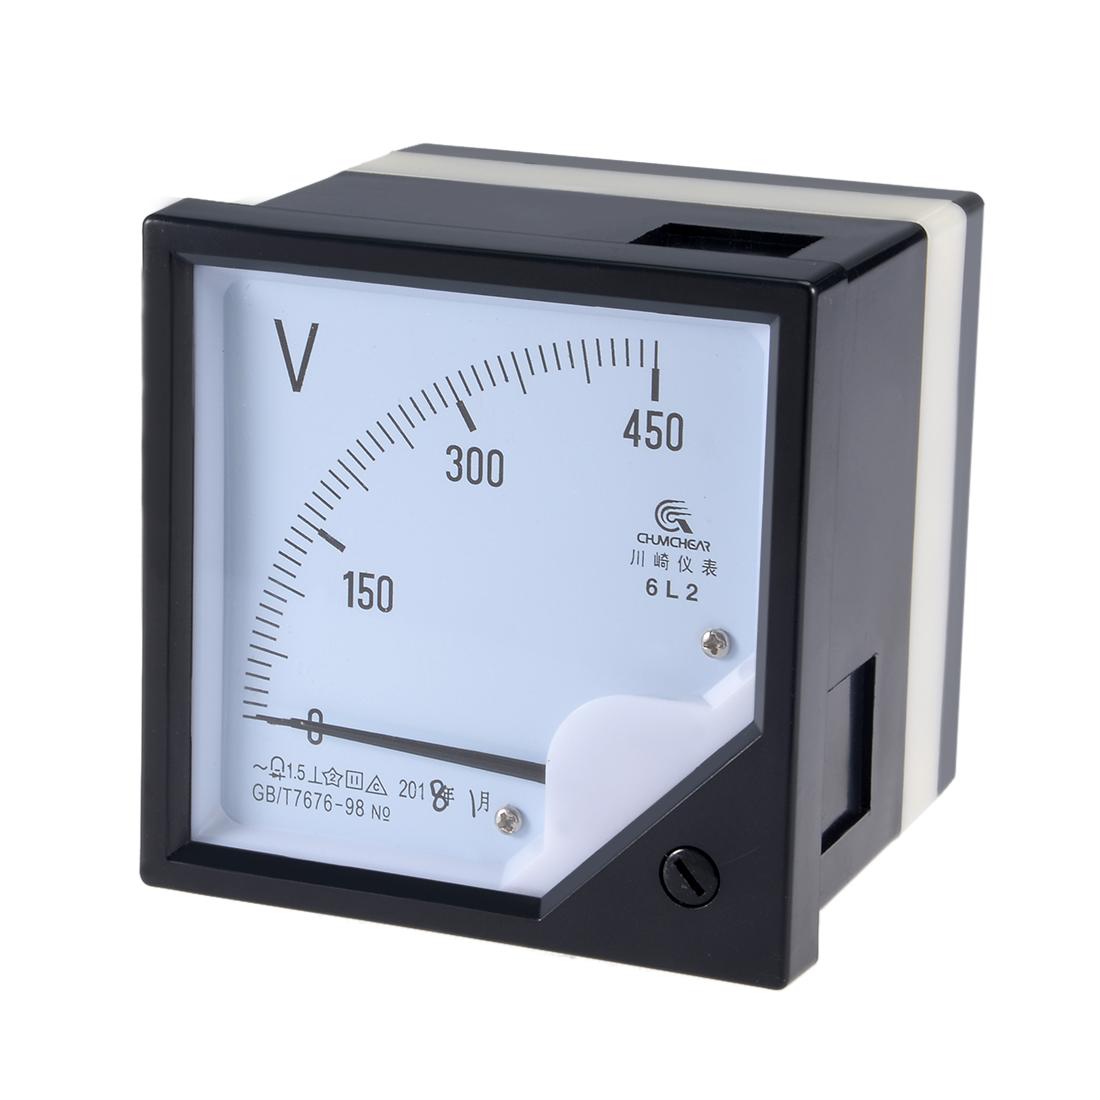 AC 0-450V Analog Panel Voltage Gauge Volt Meter 6L2 1.5% Error Margin